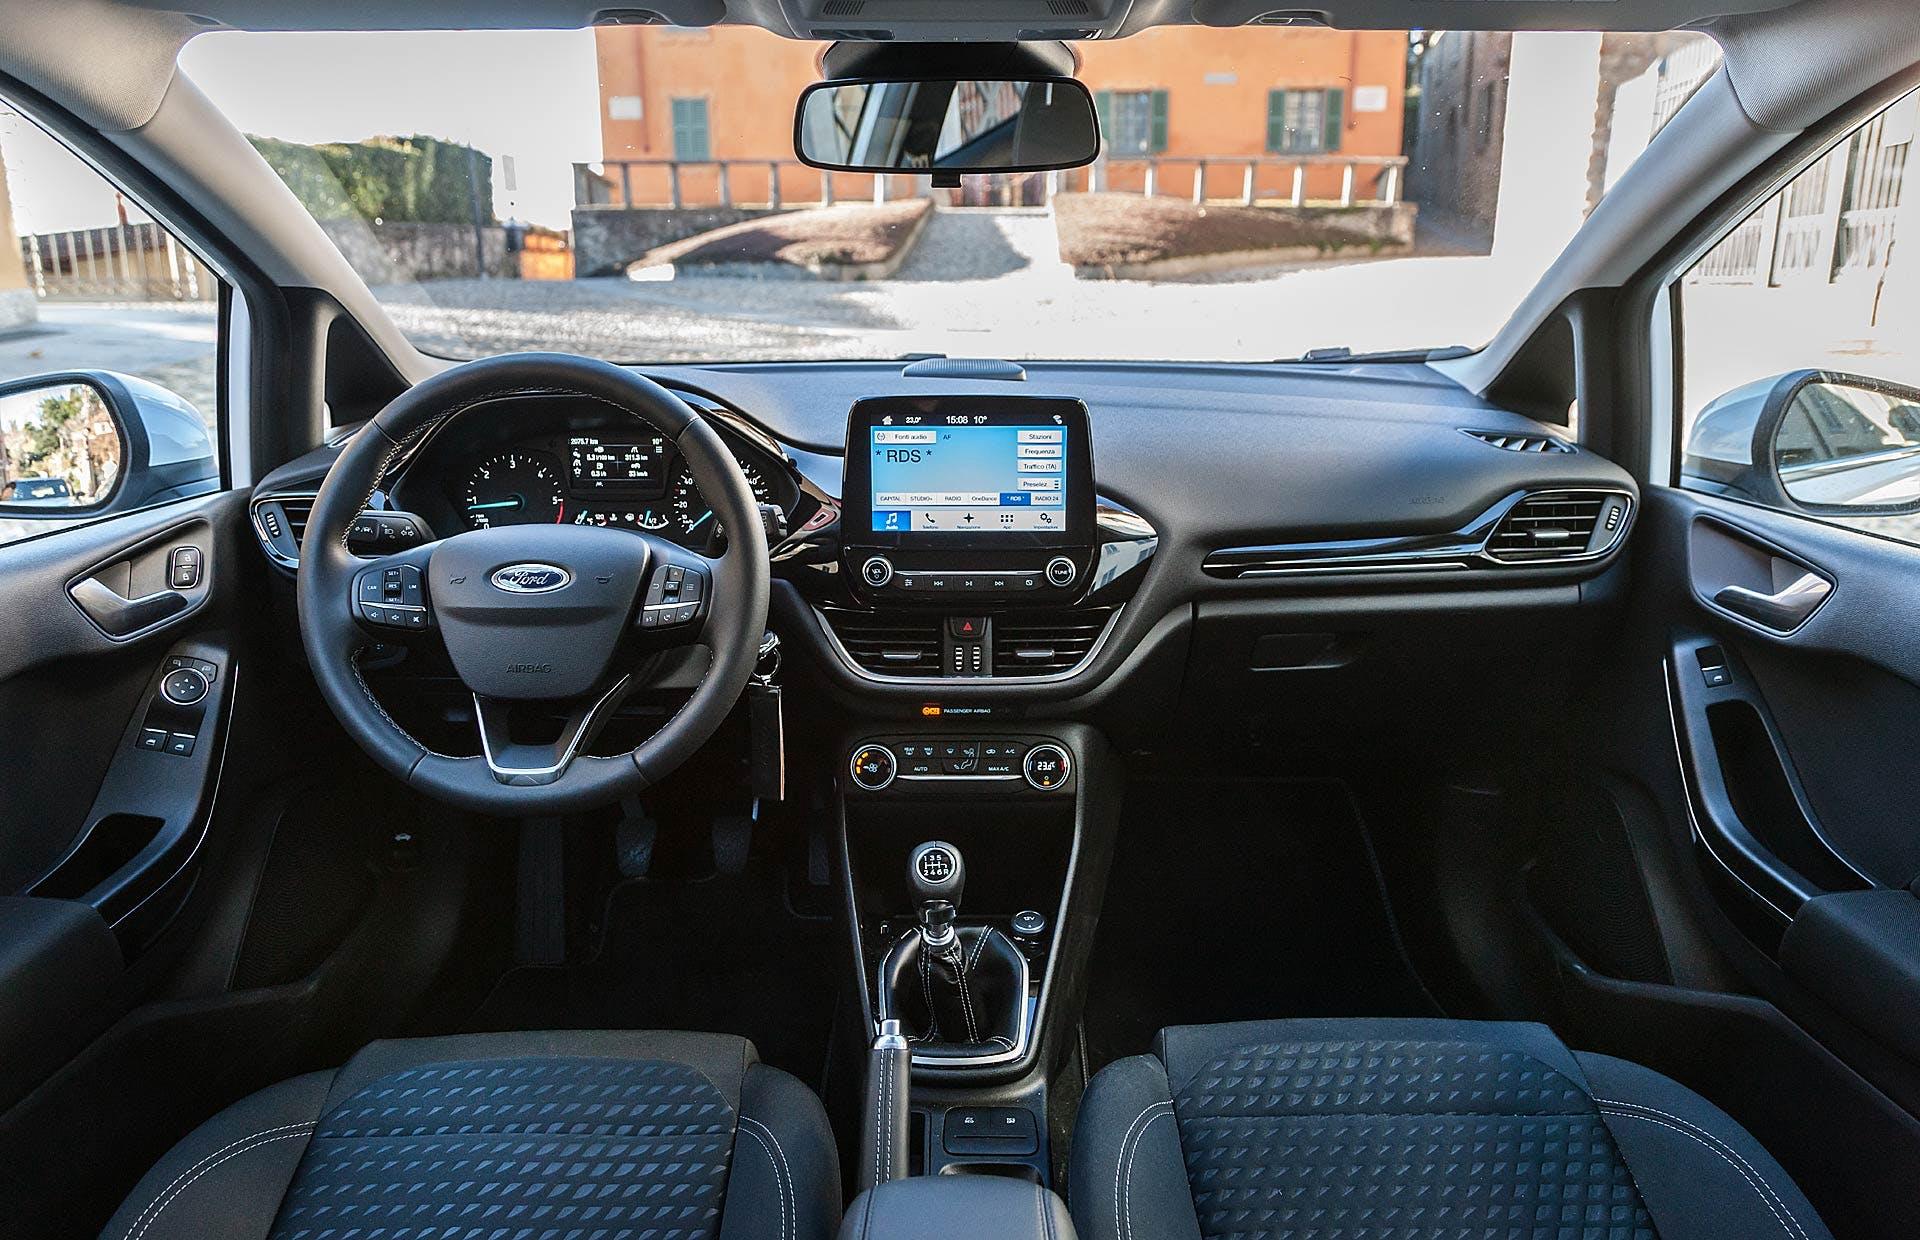 Ford Fiesta 1.5 TDCi Titanium interni con villa sullo sfondo